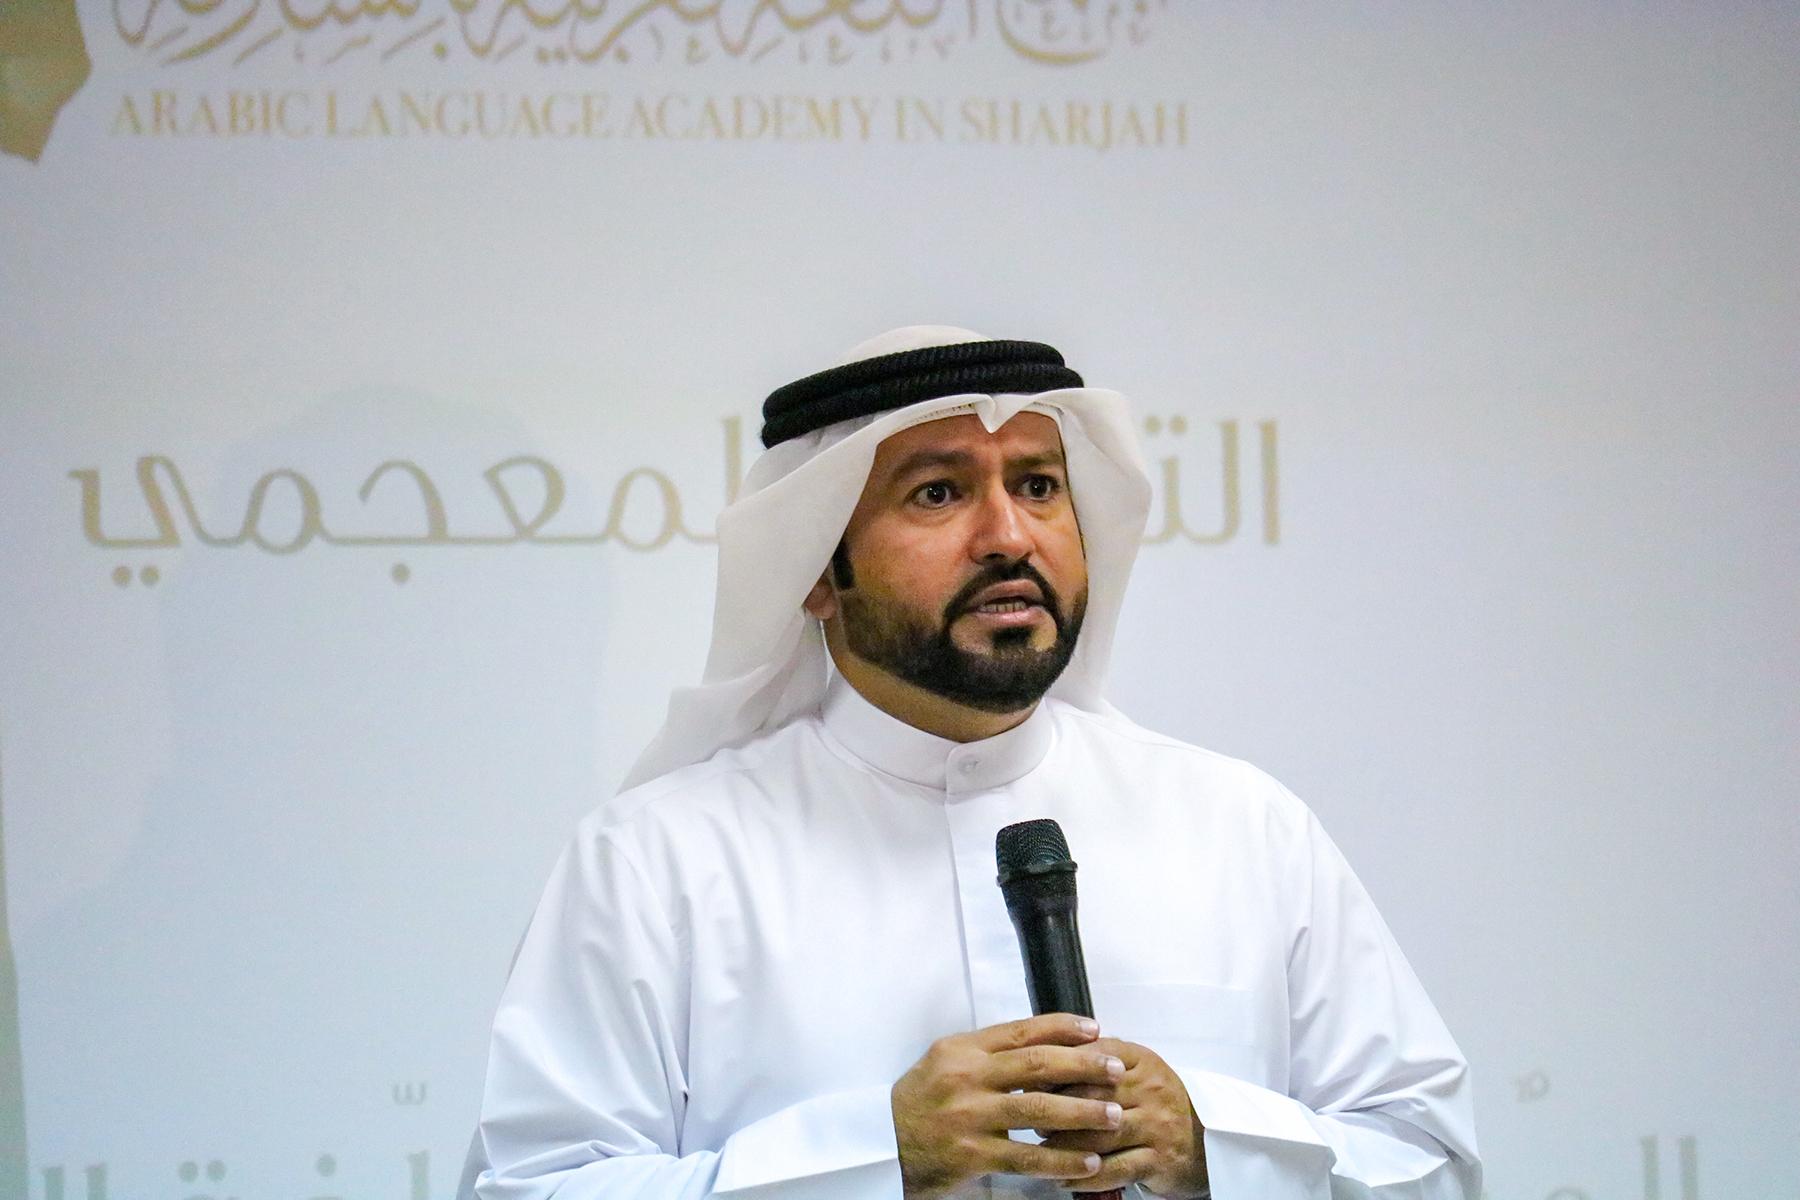 سعادة محمد حسن خلف مدير عام هيئة الشارقة للإذاعة والتلفزيون